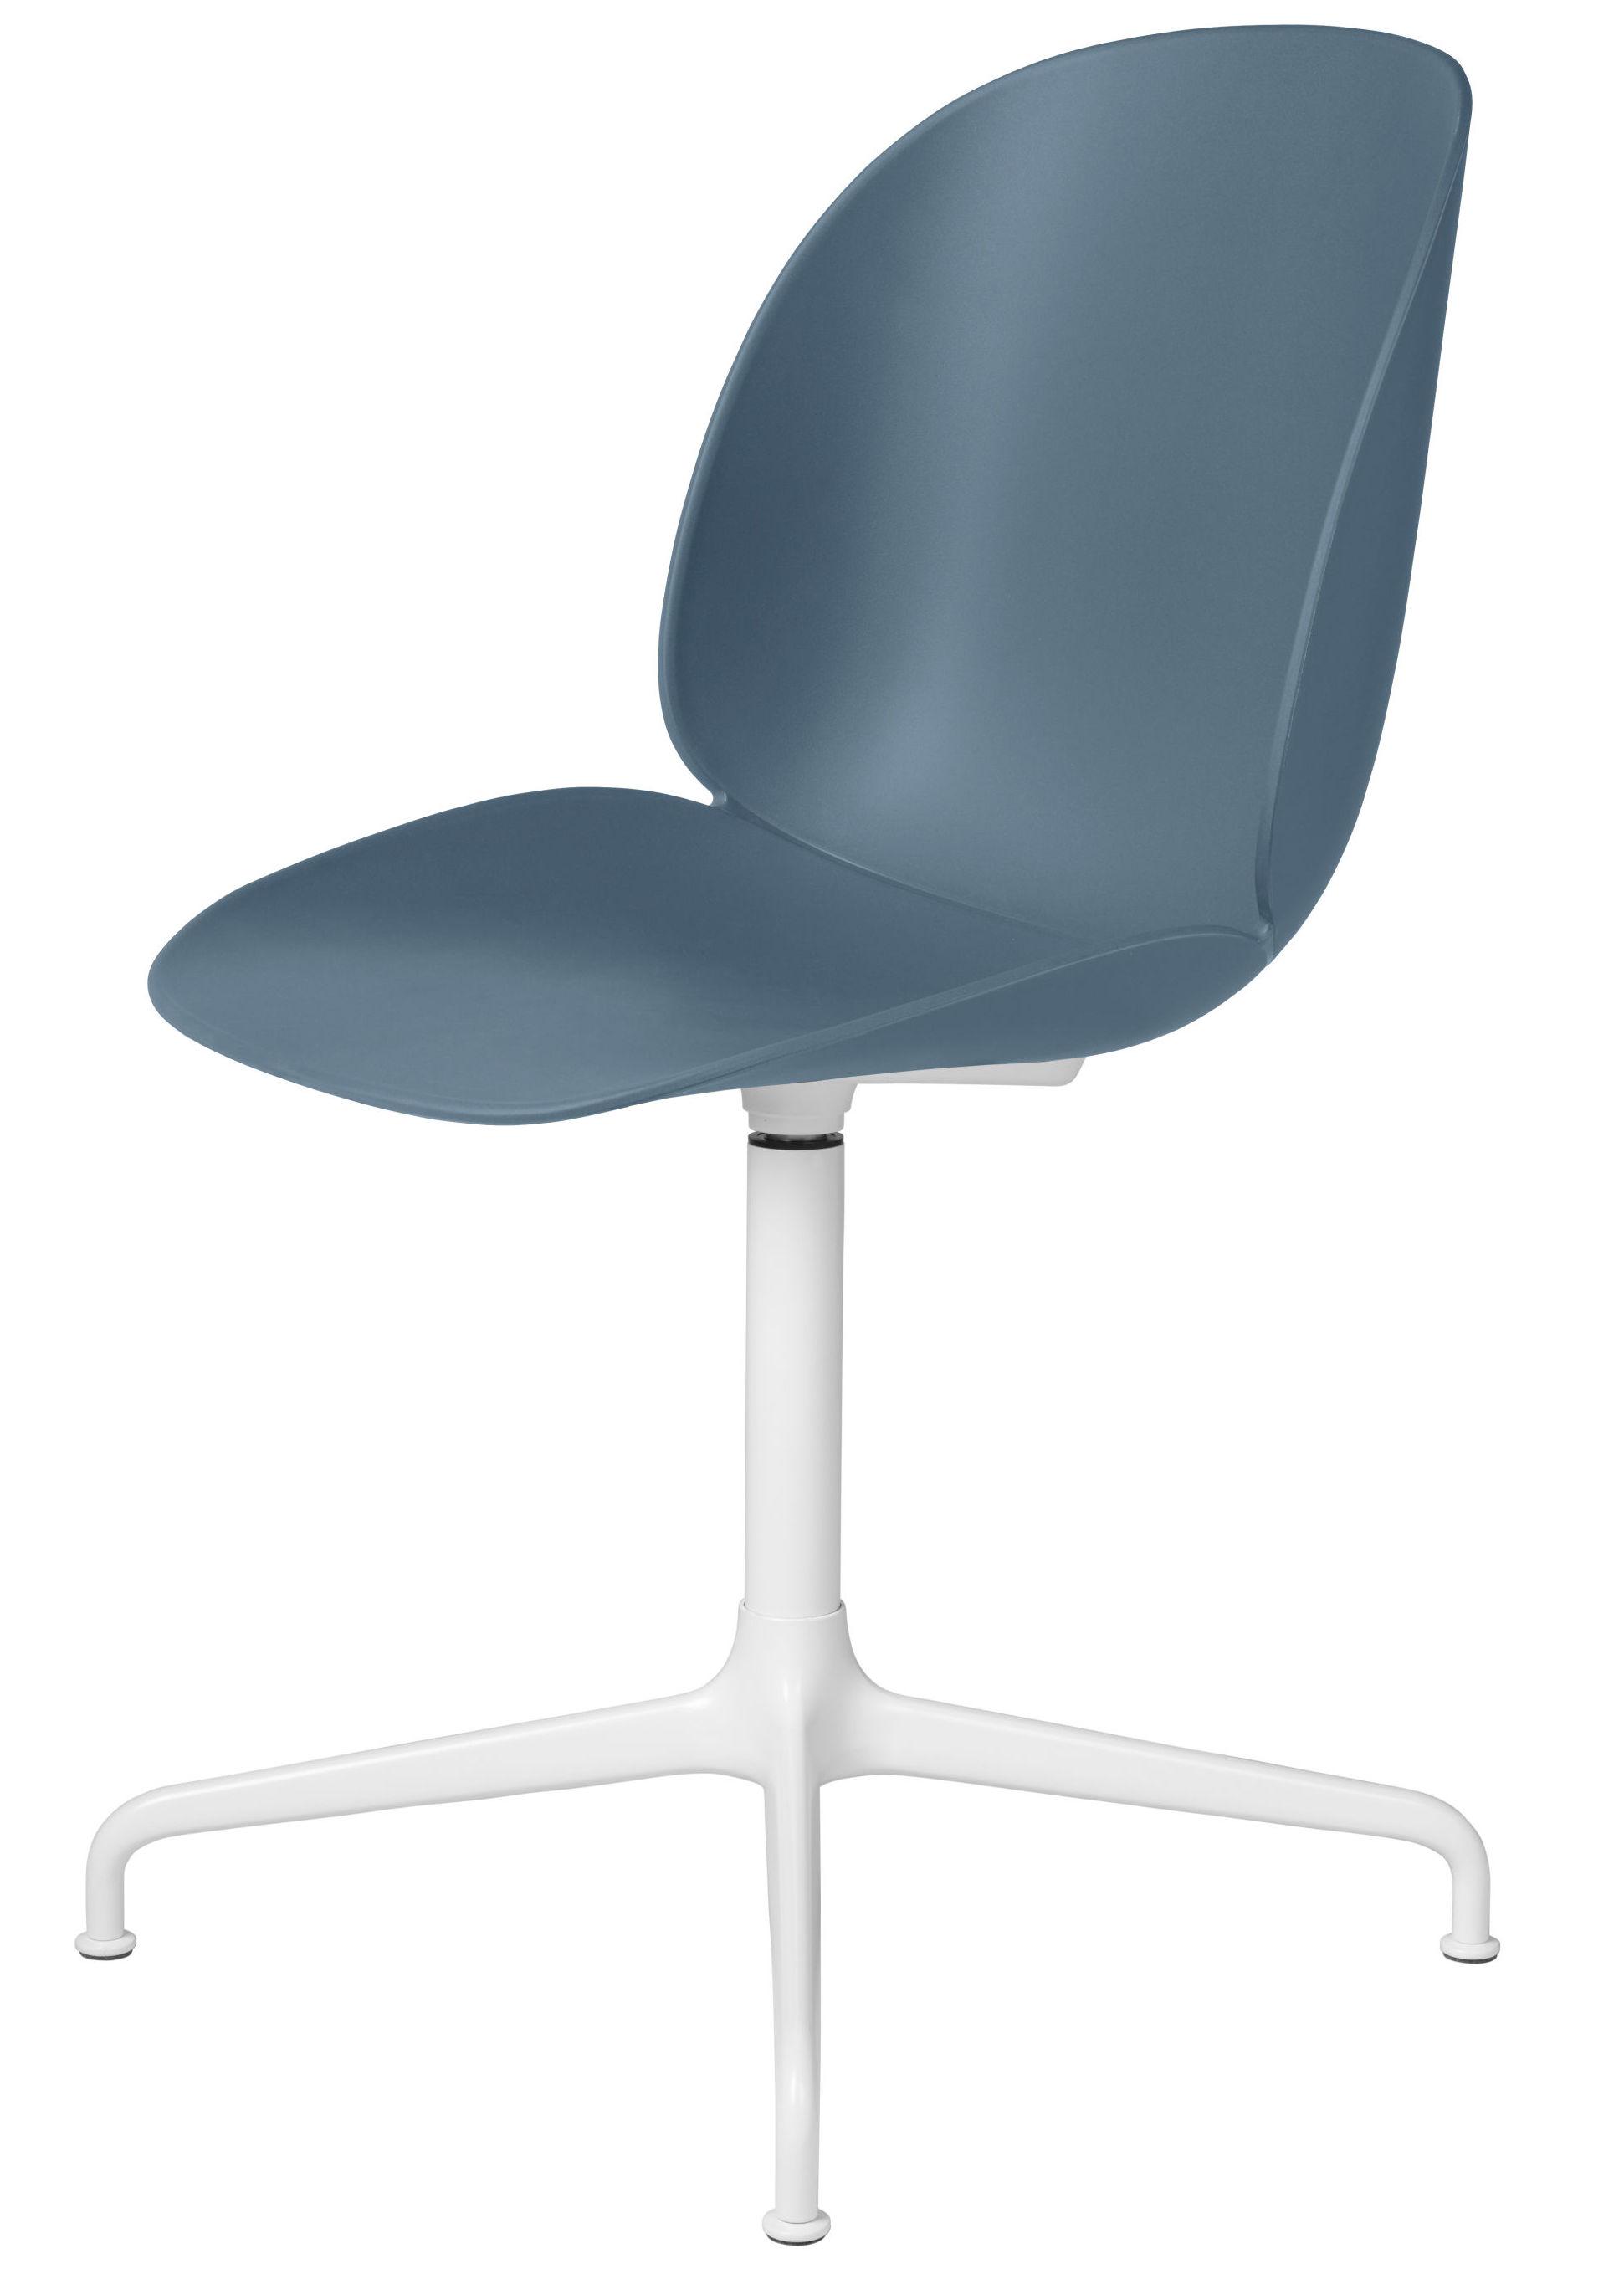 Gubi - beetle spisebordsstol swivel - blågrå/hvid fra Gubi fra unoliving.com